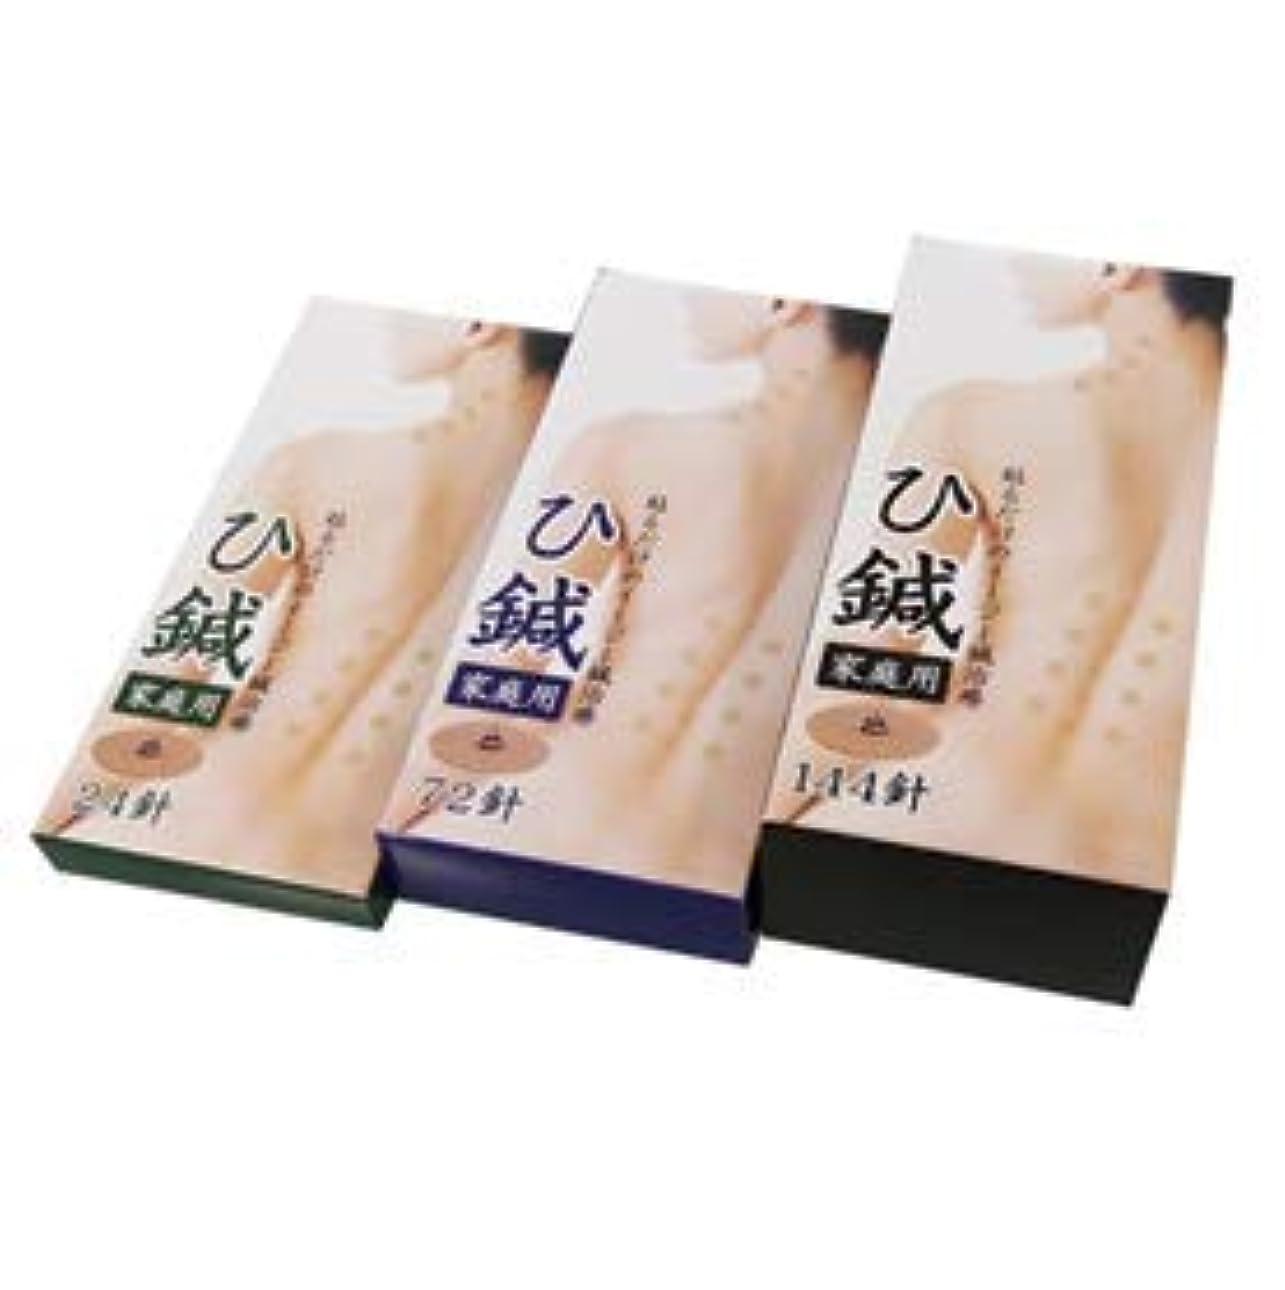 ゴール鋸歯状数学【ケース売り】イージー鍼治療 ひ鍼家庭用 24針×30